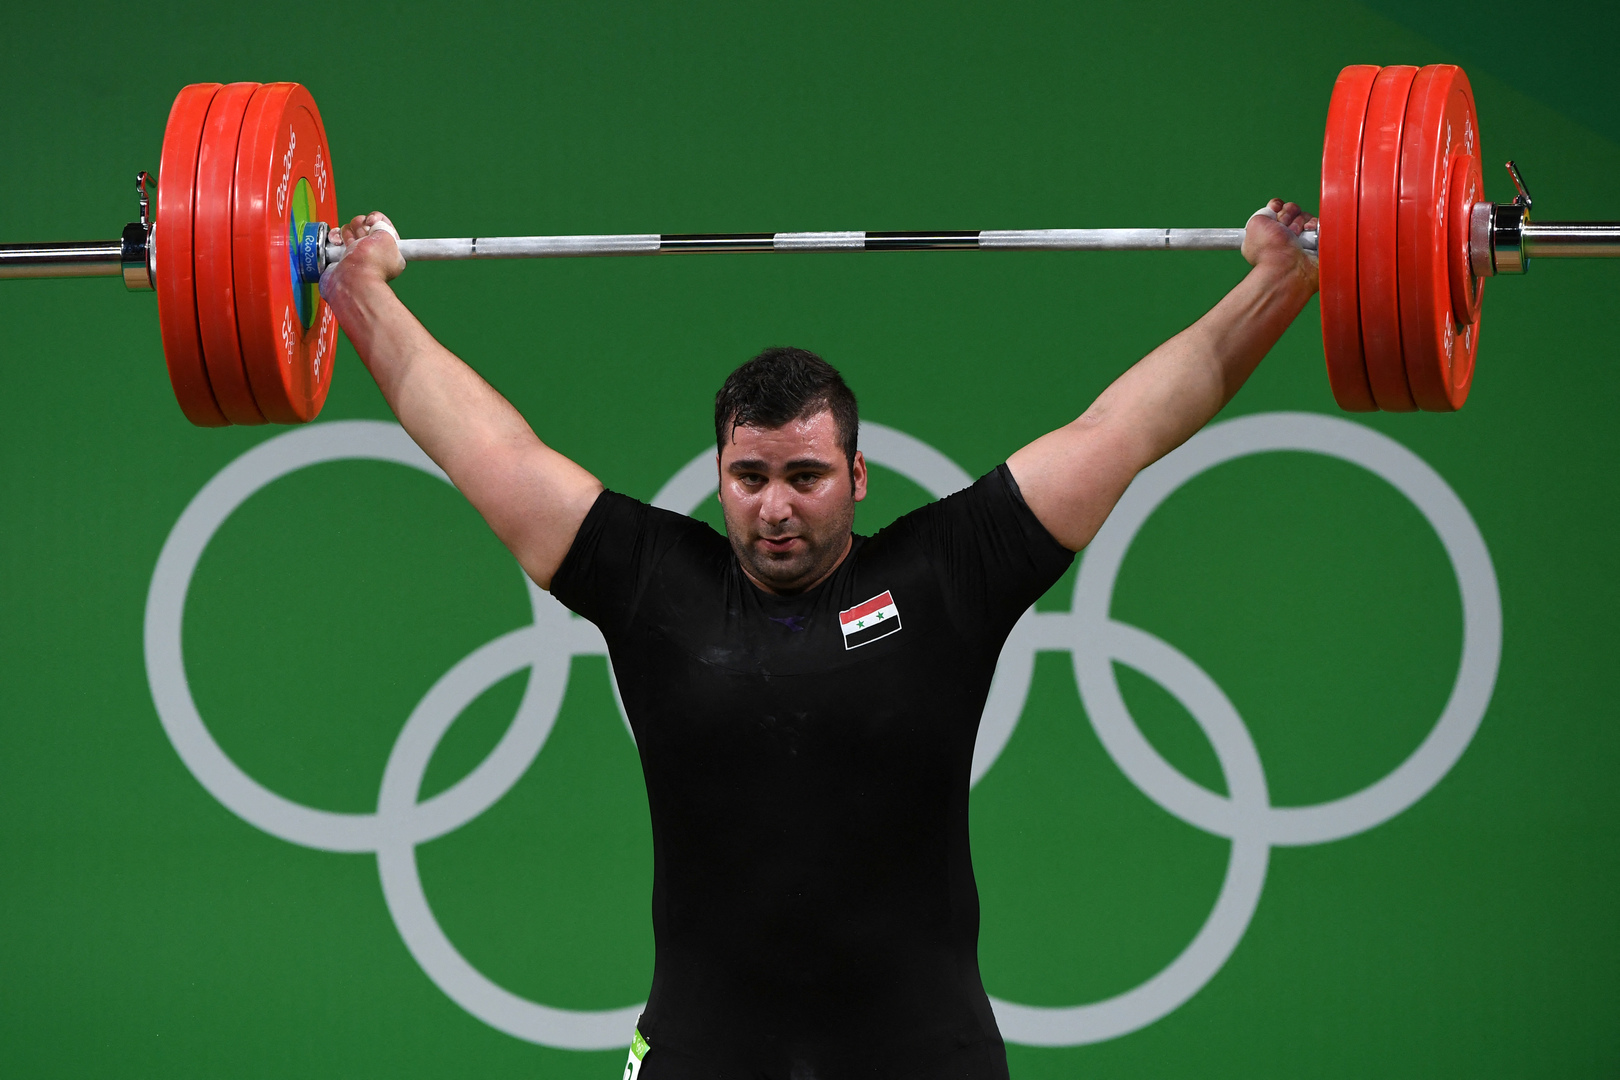 أولمبياد طوكيو.. أحلام سورية في كسر حاجز الميداليات الثلاث